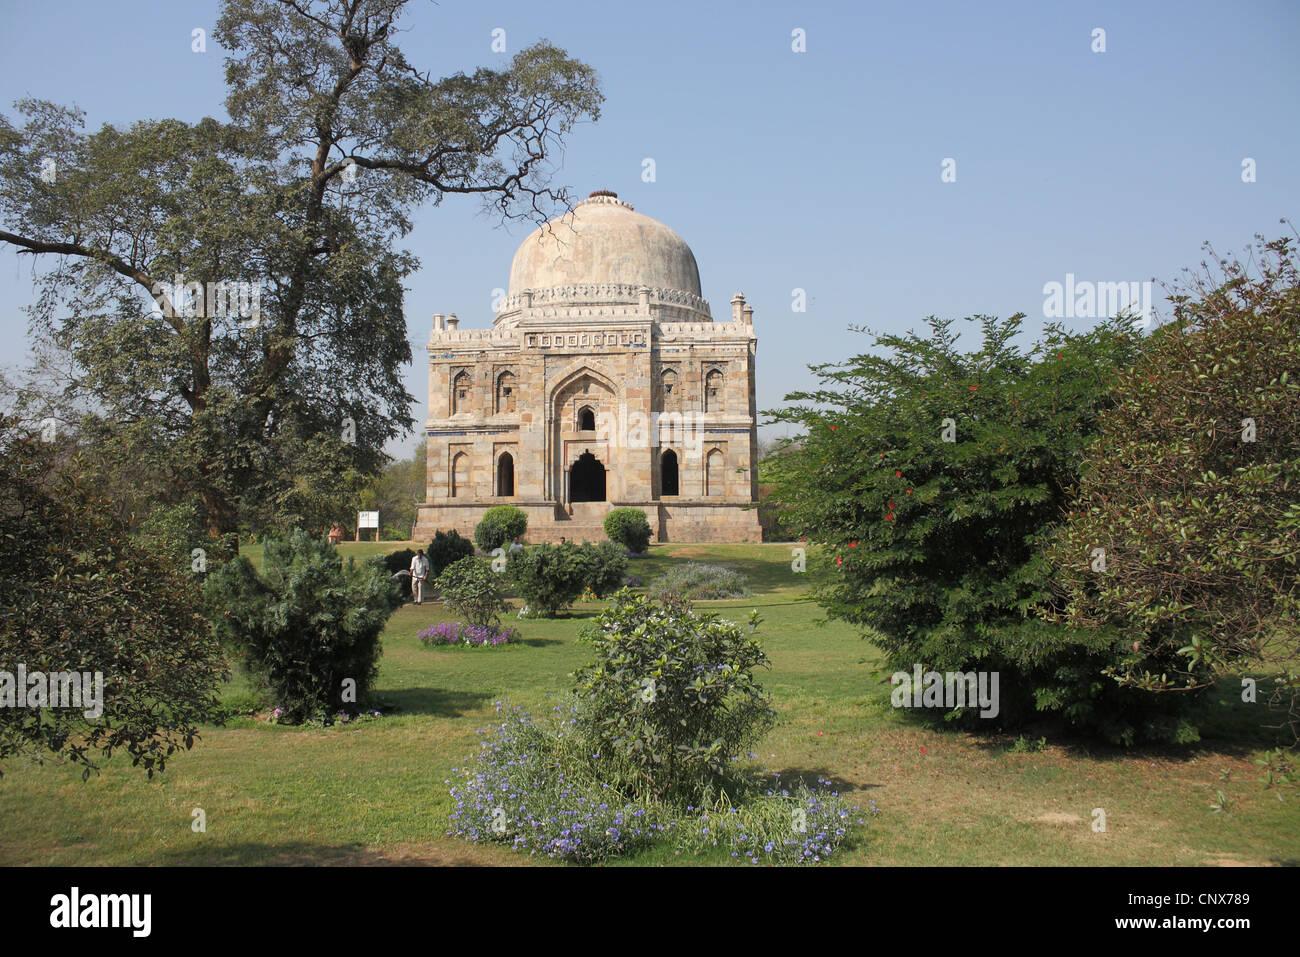 Antico monumento a Lodi gardens New Delhi India Immagini Stock